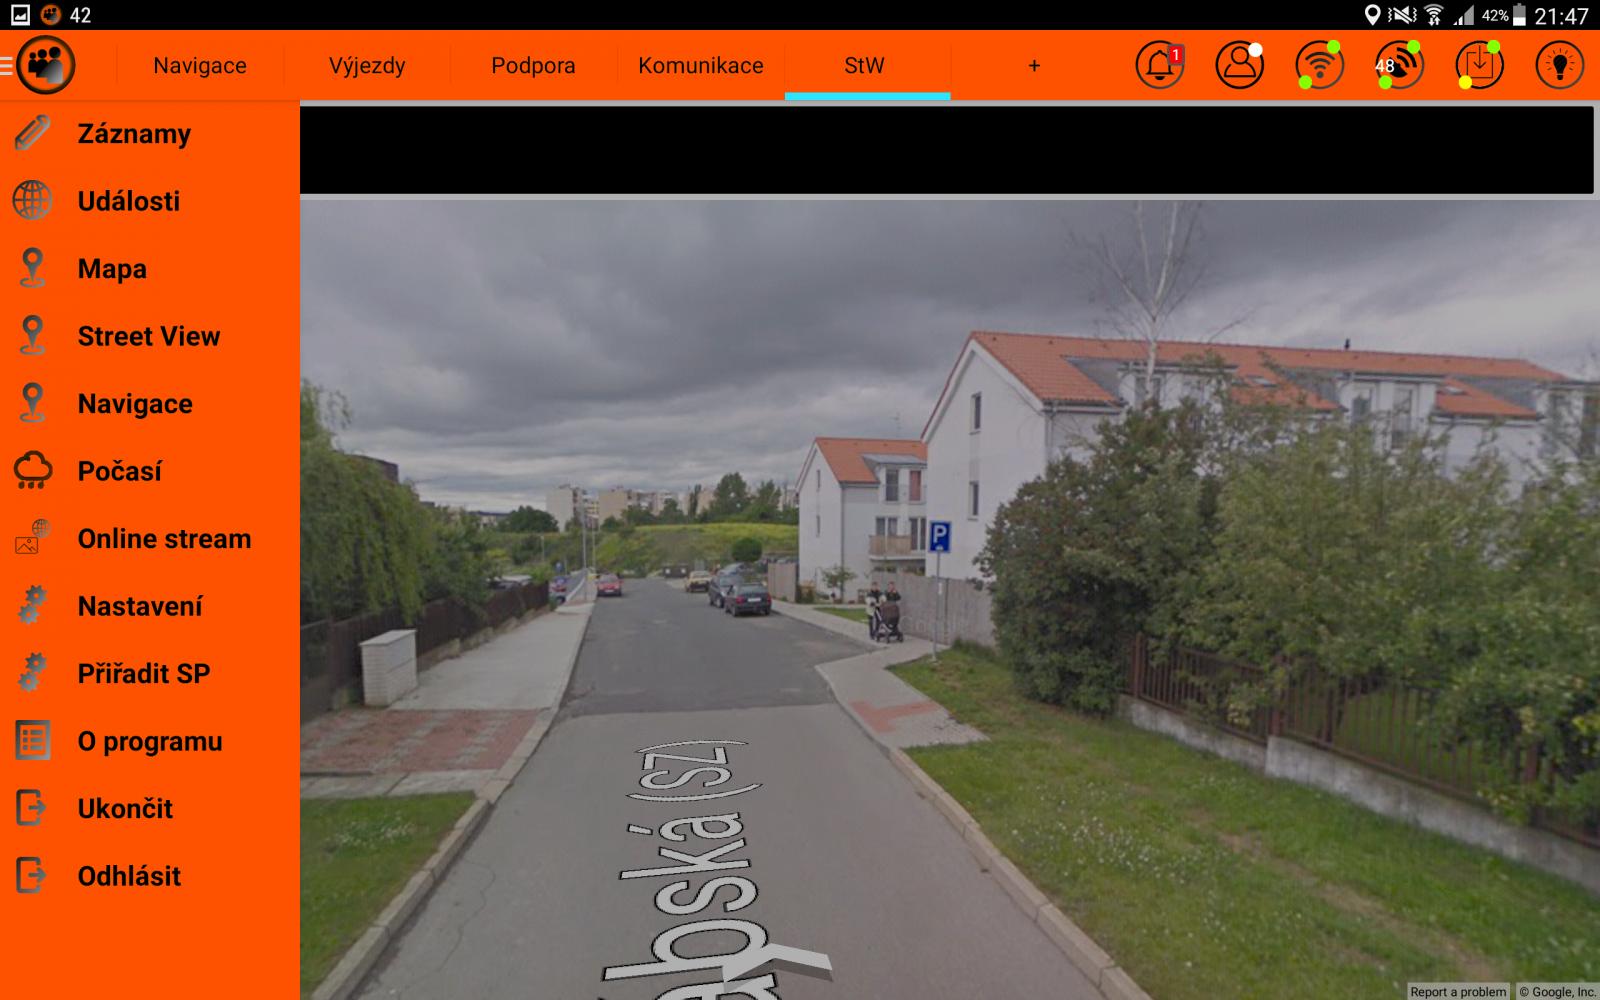 Zobrazení na tabletu v hasičském autě   Foto: HZS Středočeského kraje